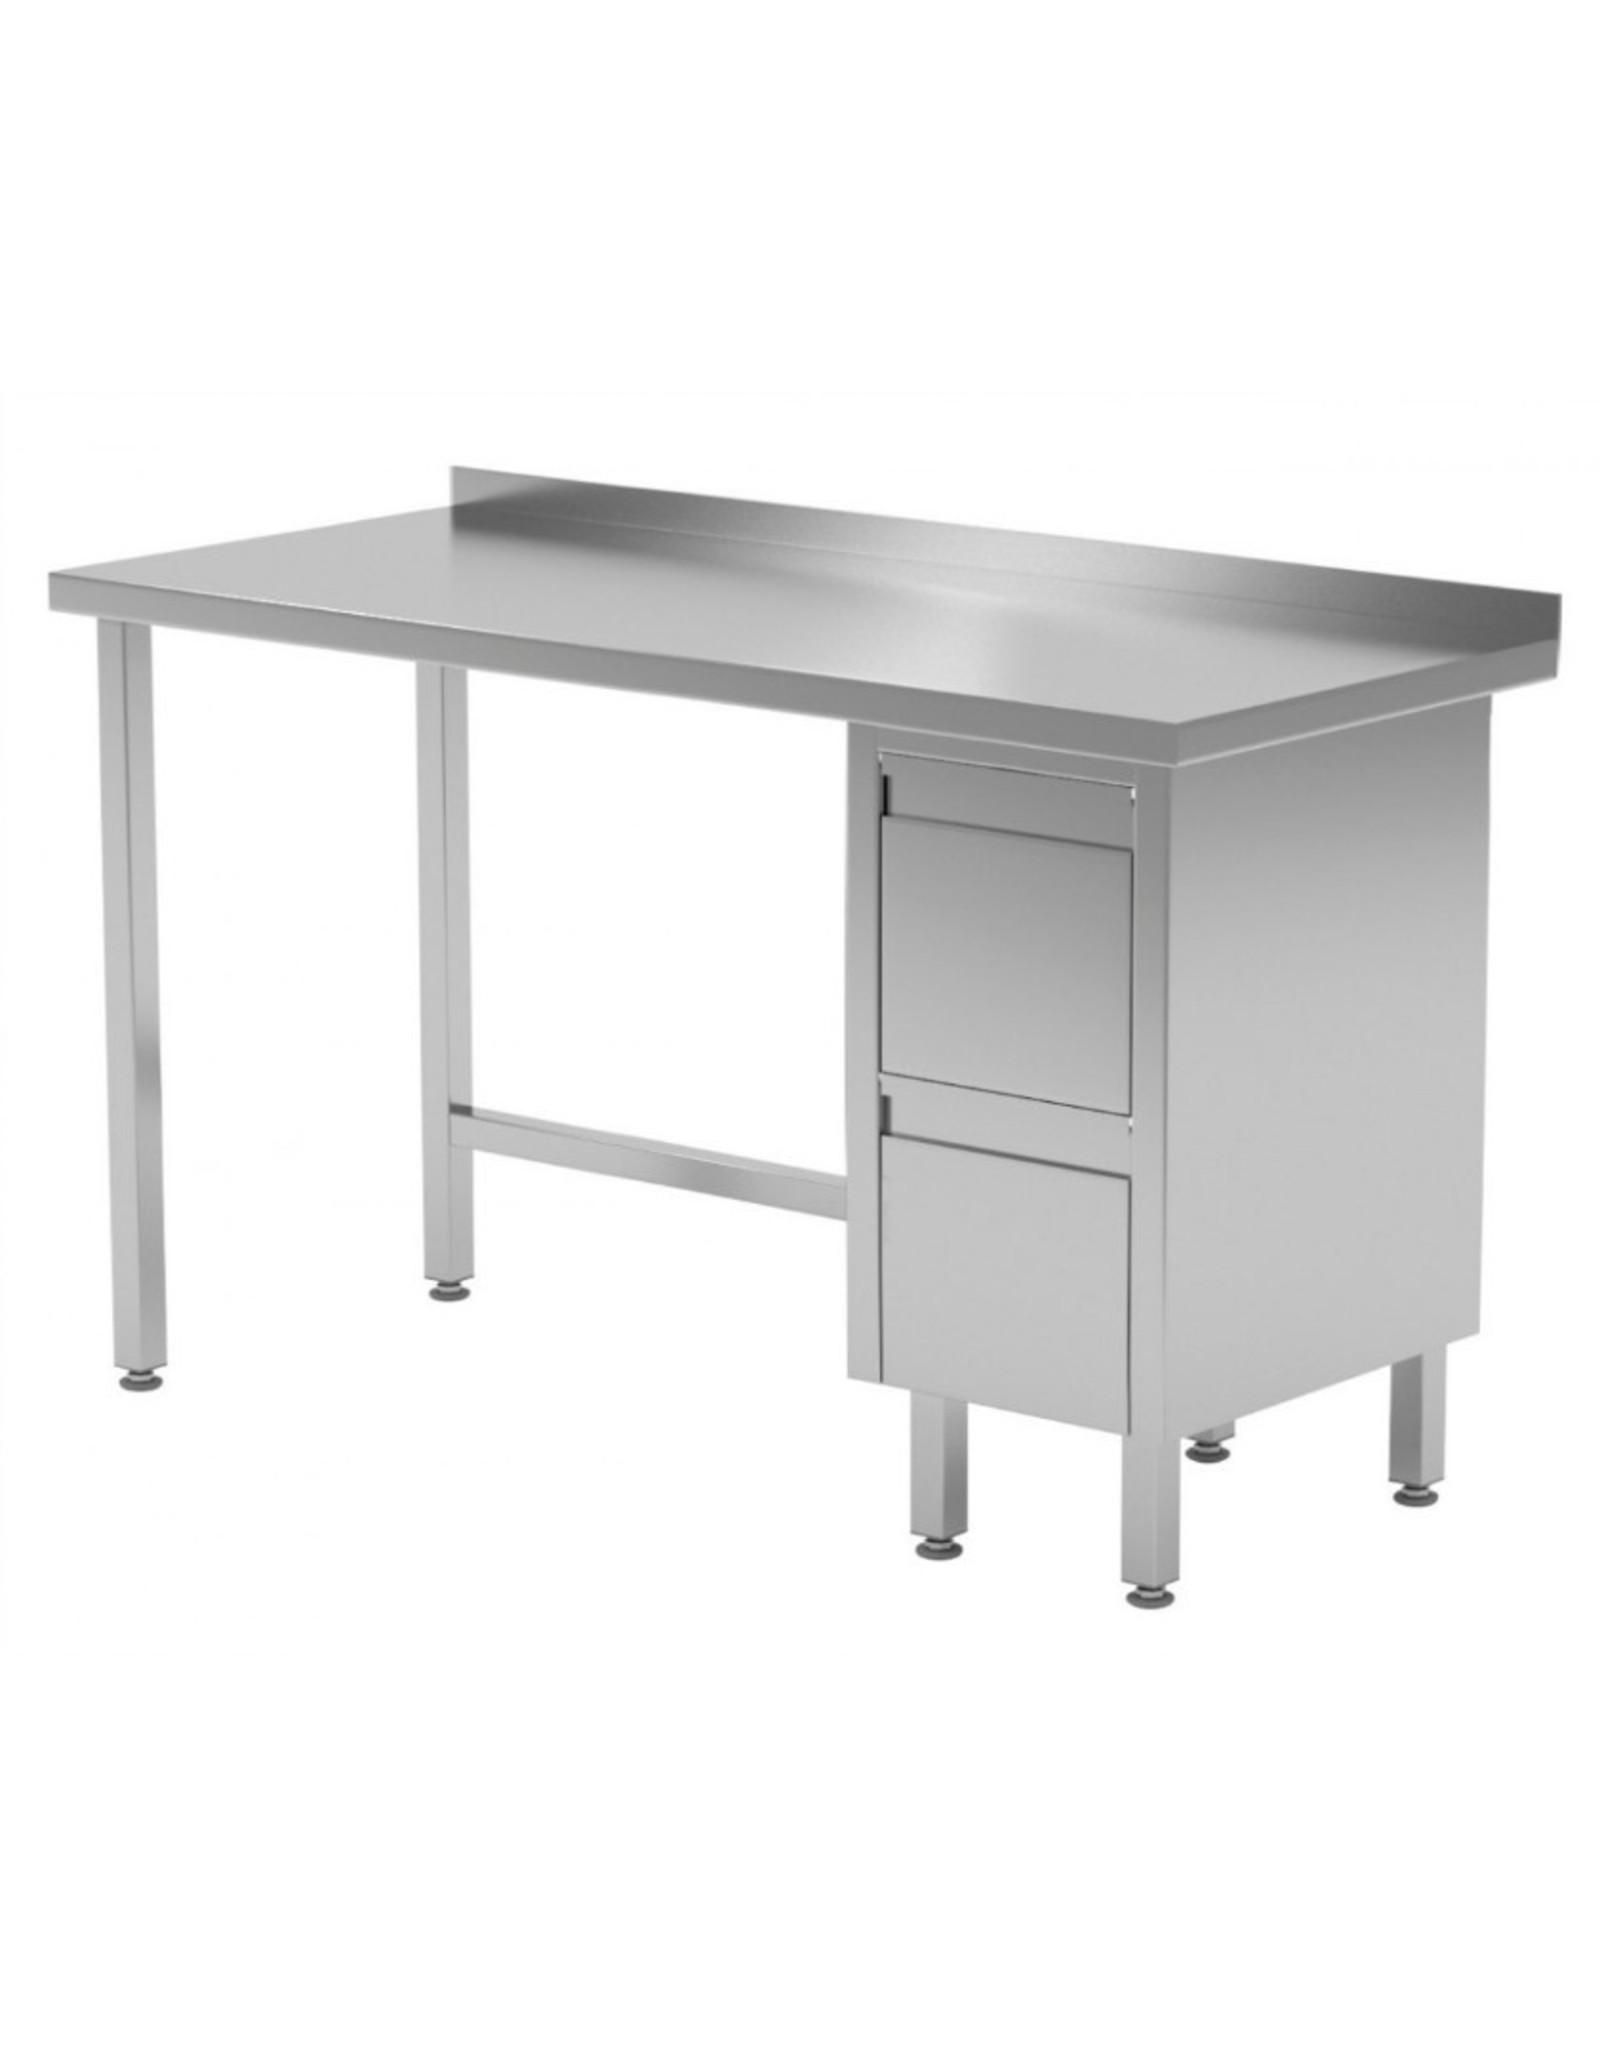 Werktafel met 2 lades rechts | 800-1900mm breed | 600 of 700mm diep